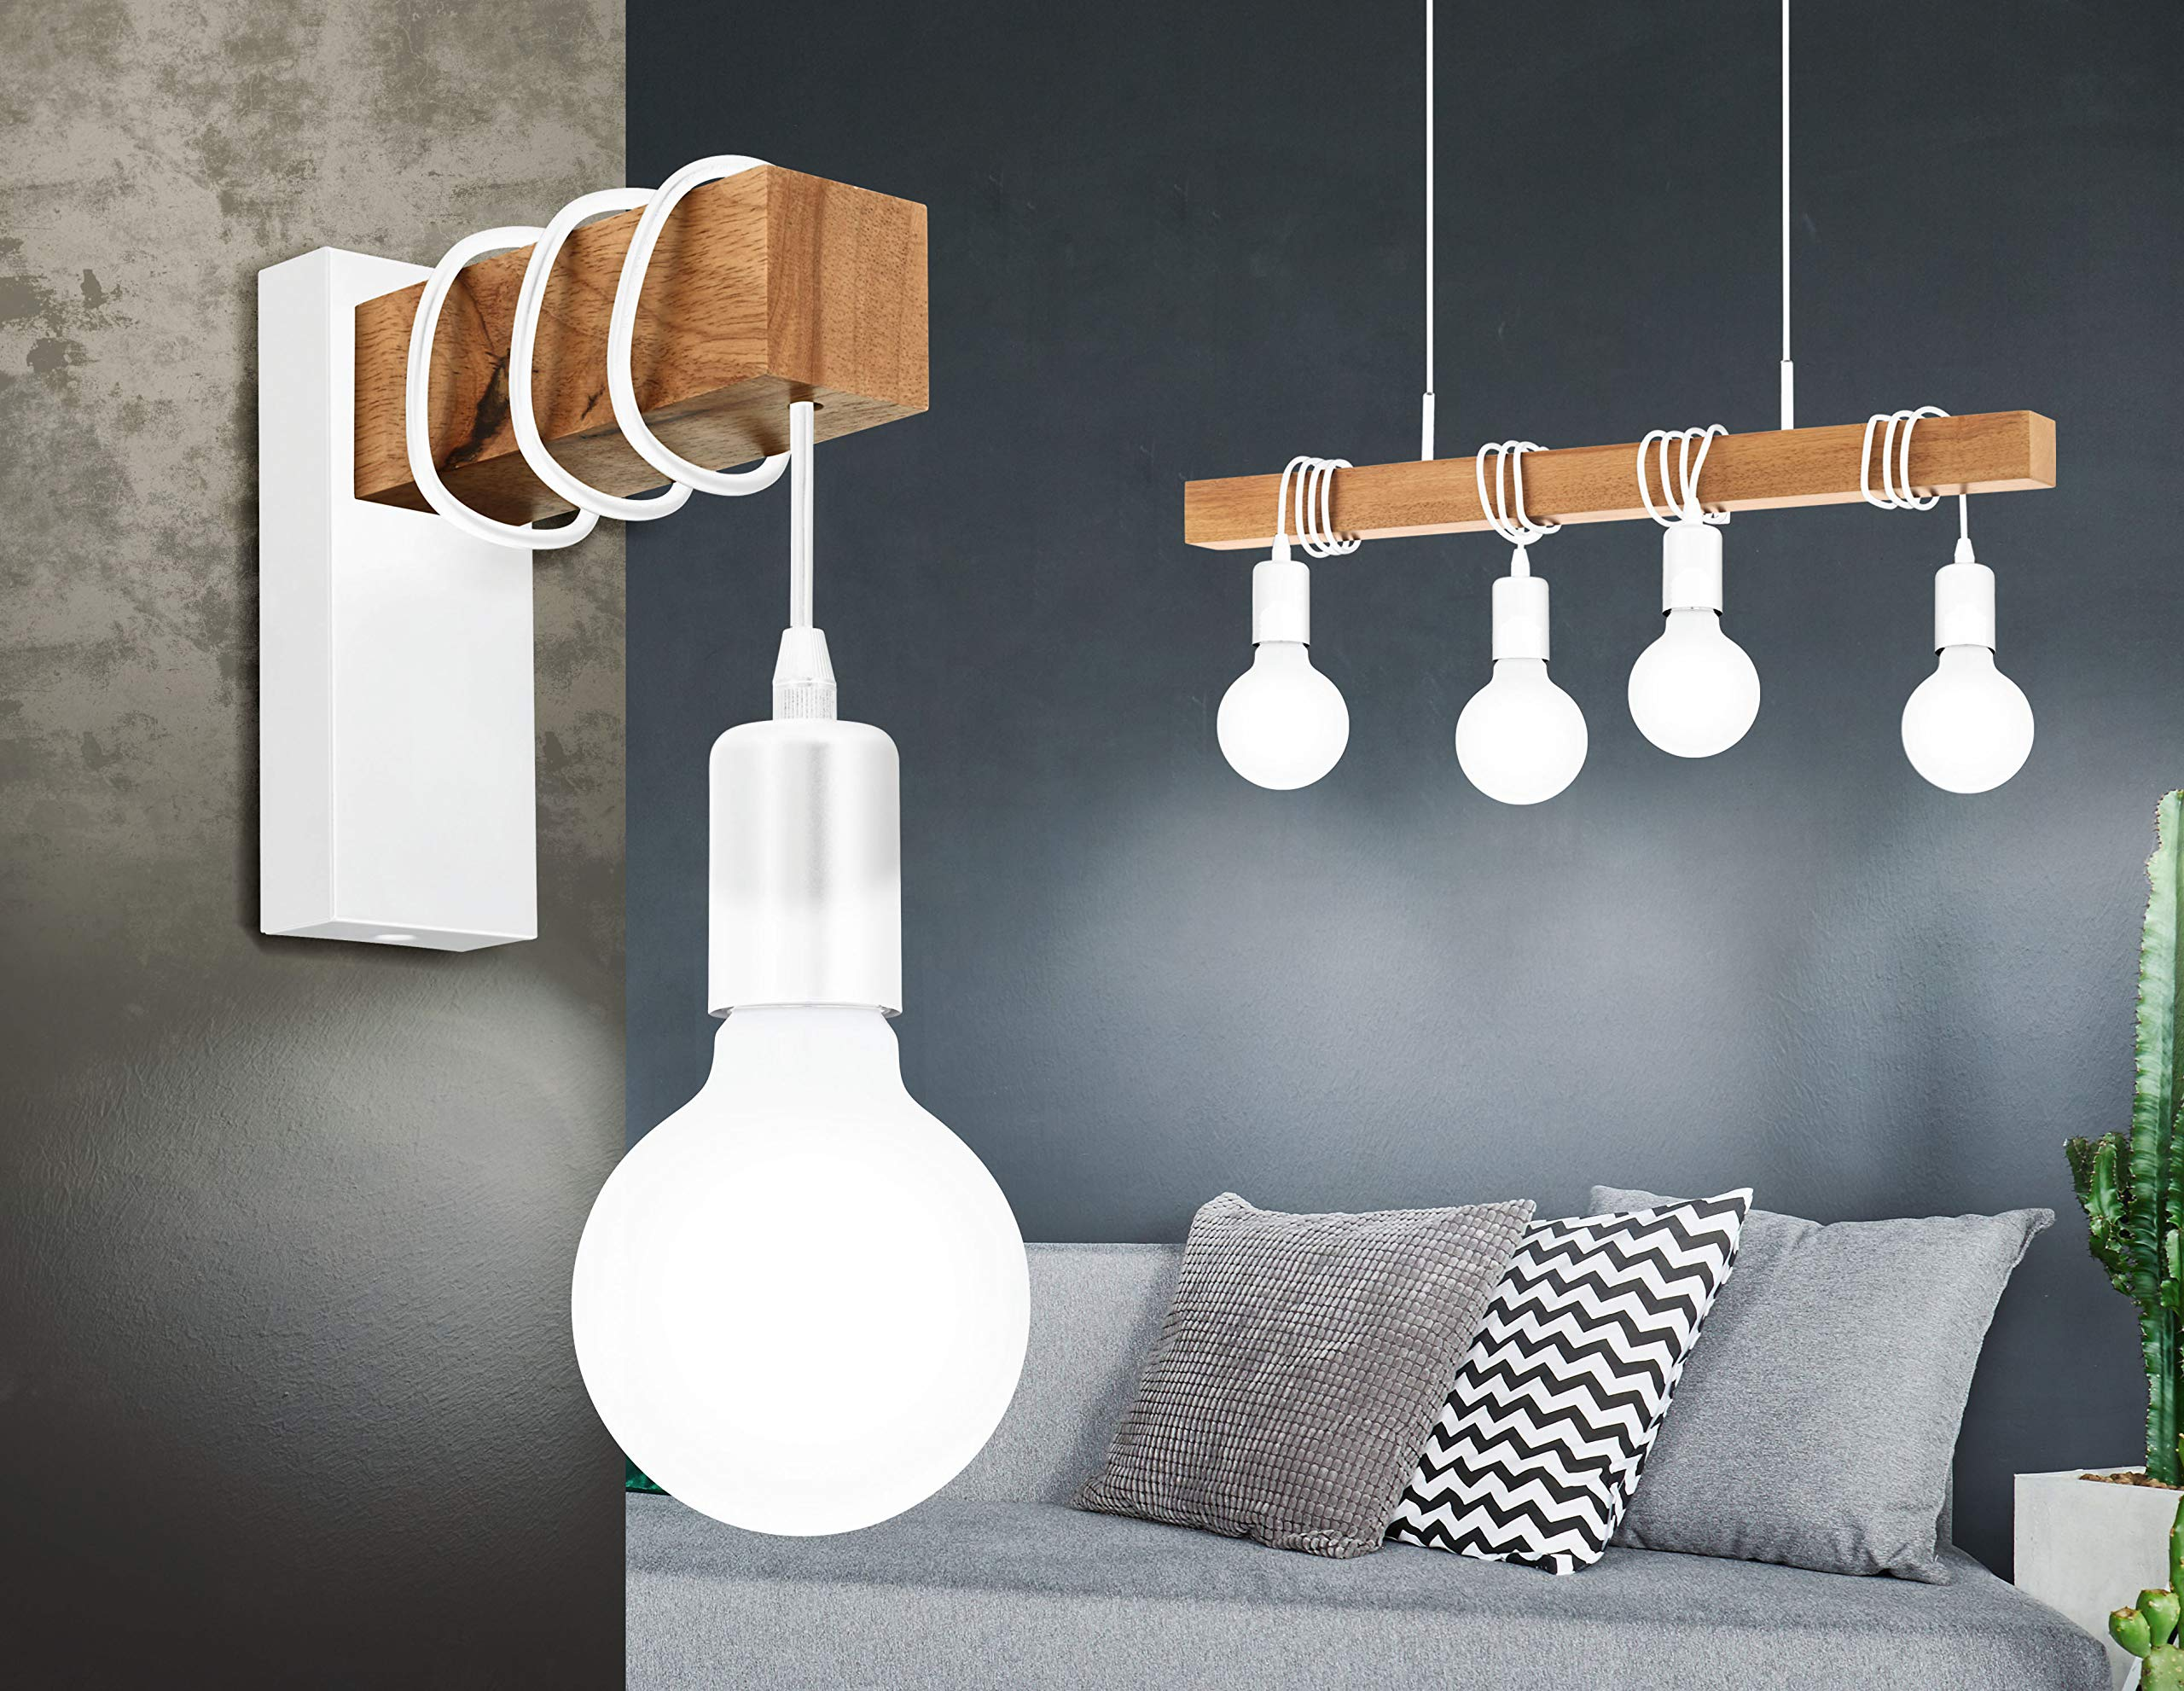 EGLO Townshend illuminazione da parete Adatto per uso interno Bianco, Legno E27